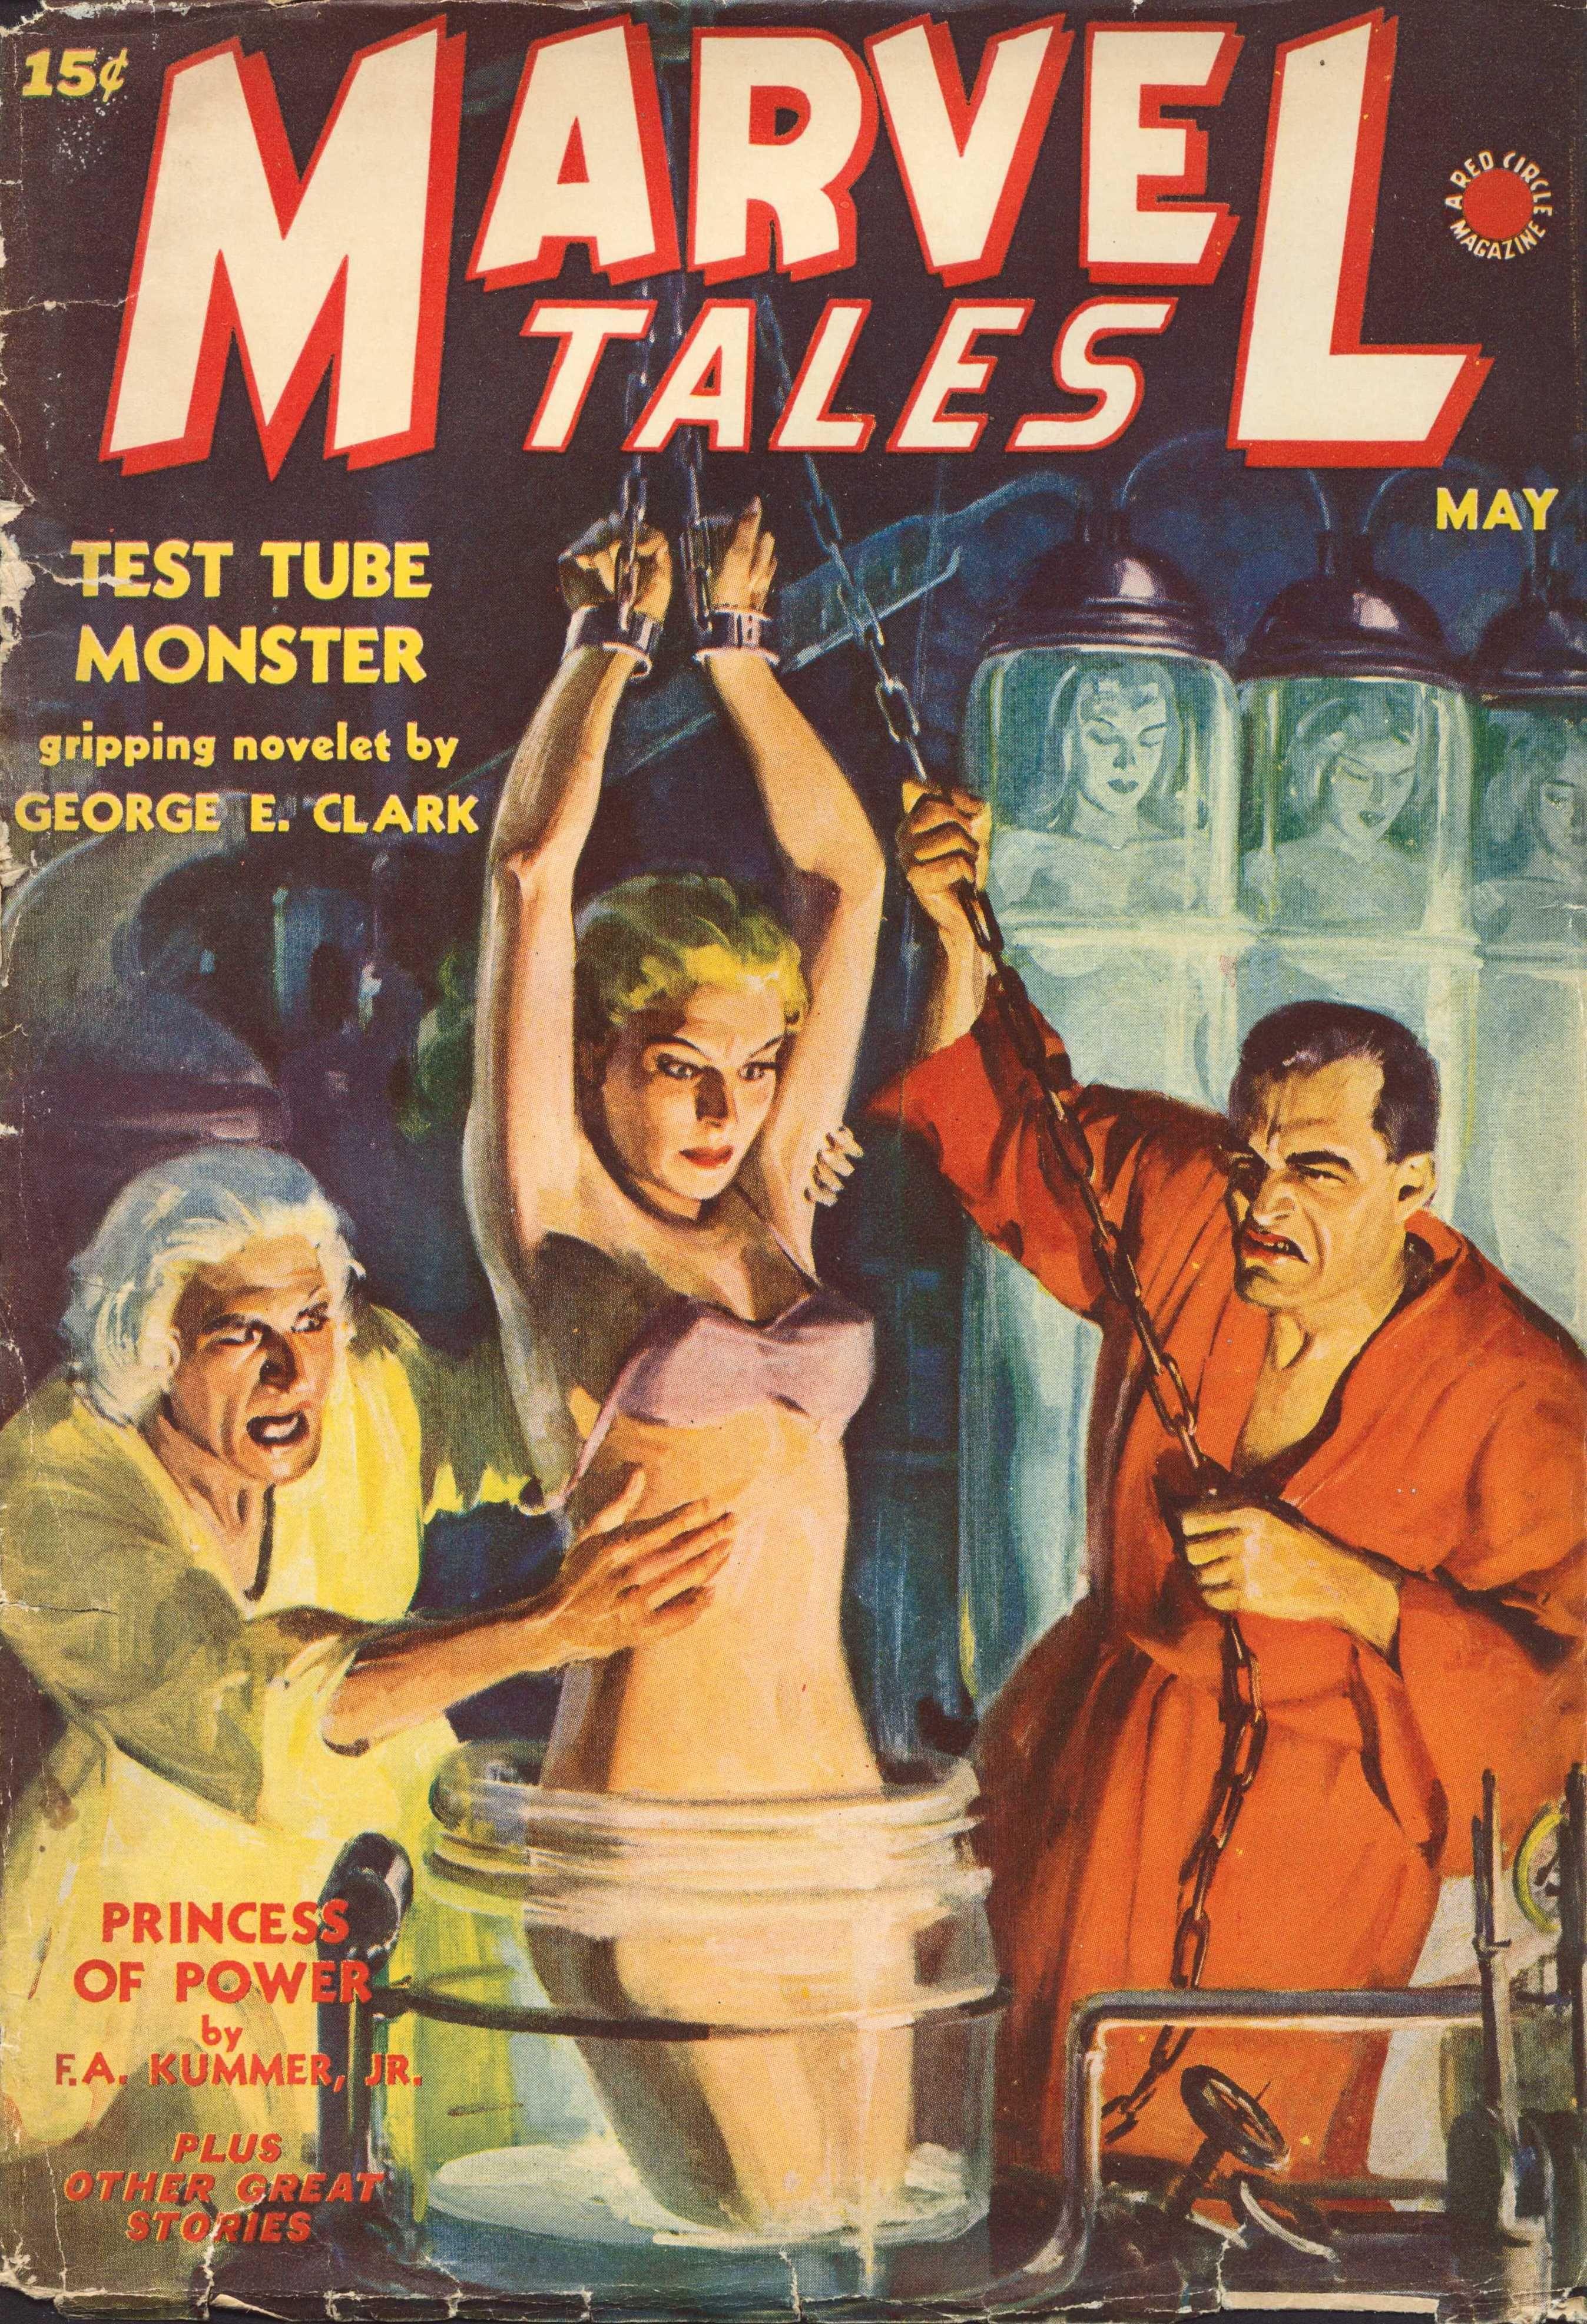 marvel tales (may 1940), coverh. w. scott | scifi - labs